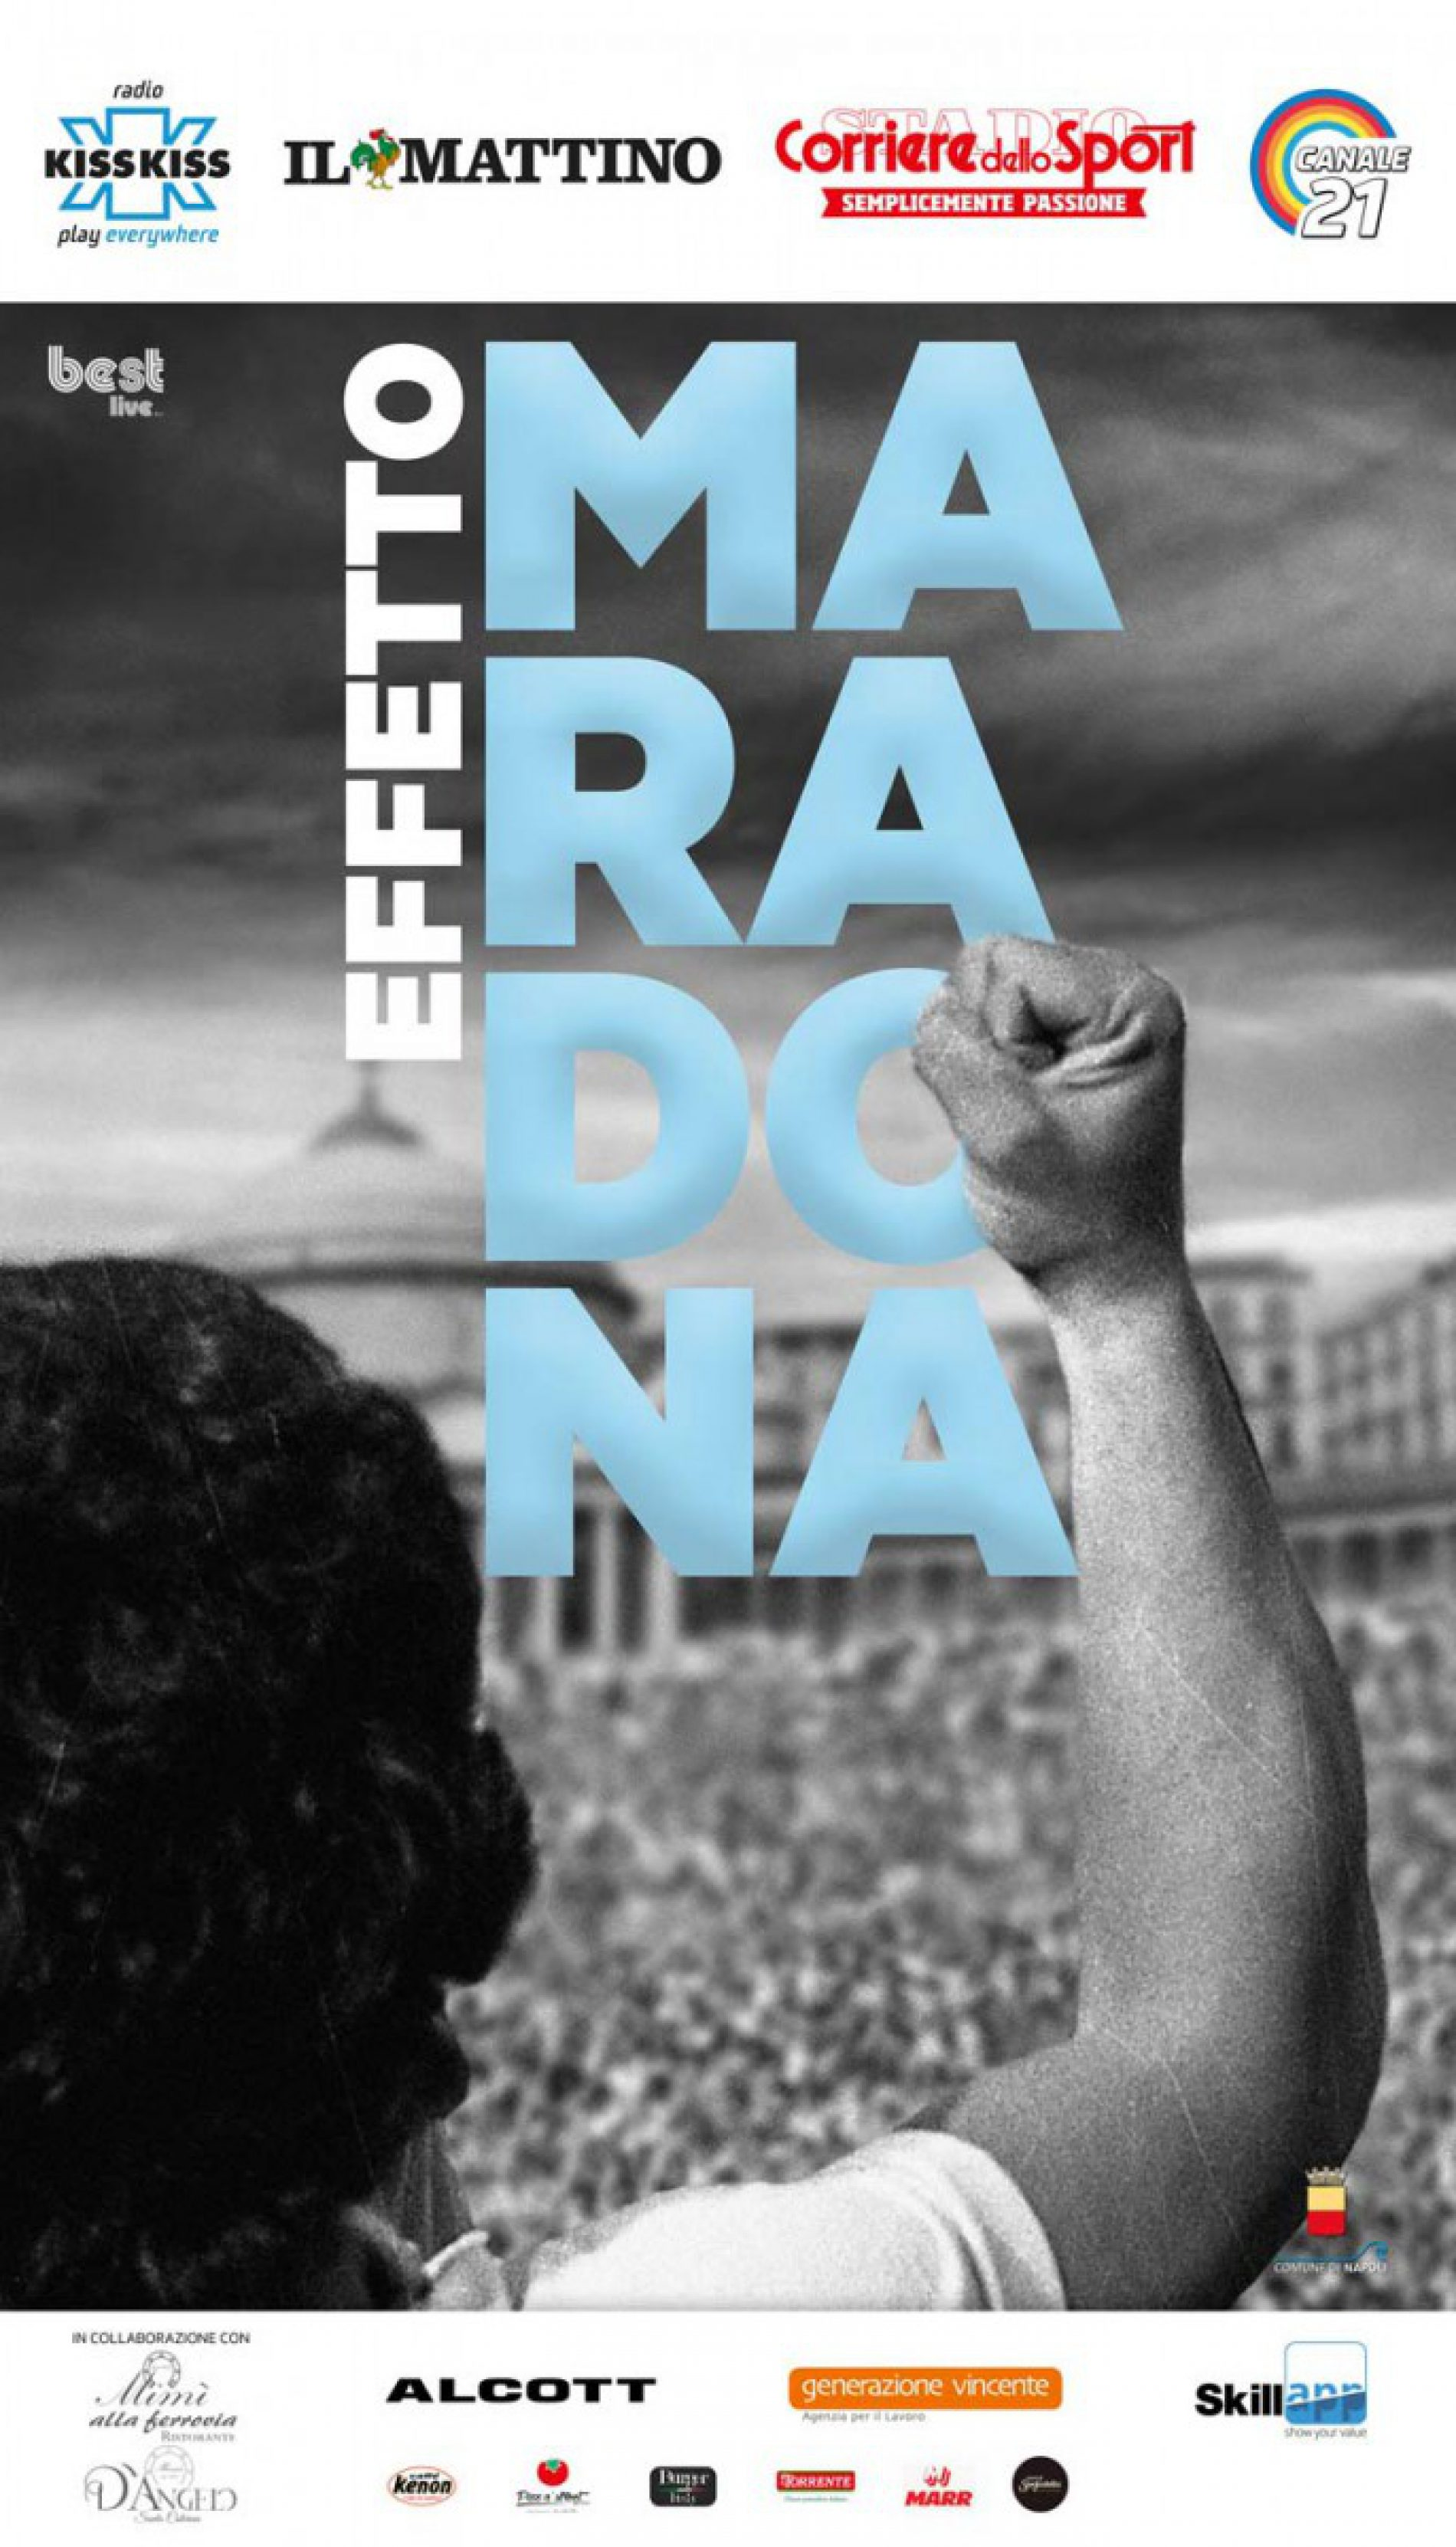 Generazione vincente main sponsor  dell'evento Effetto Maradona